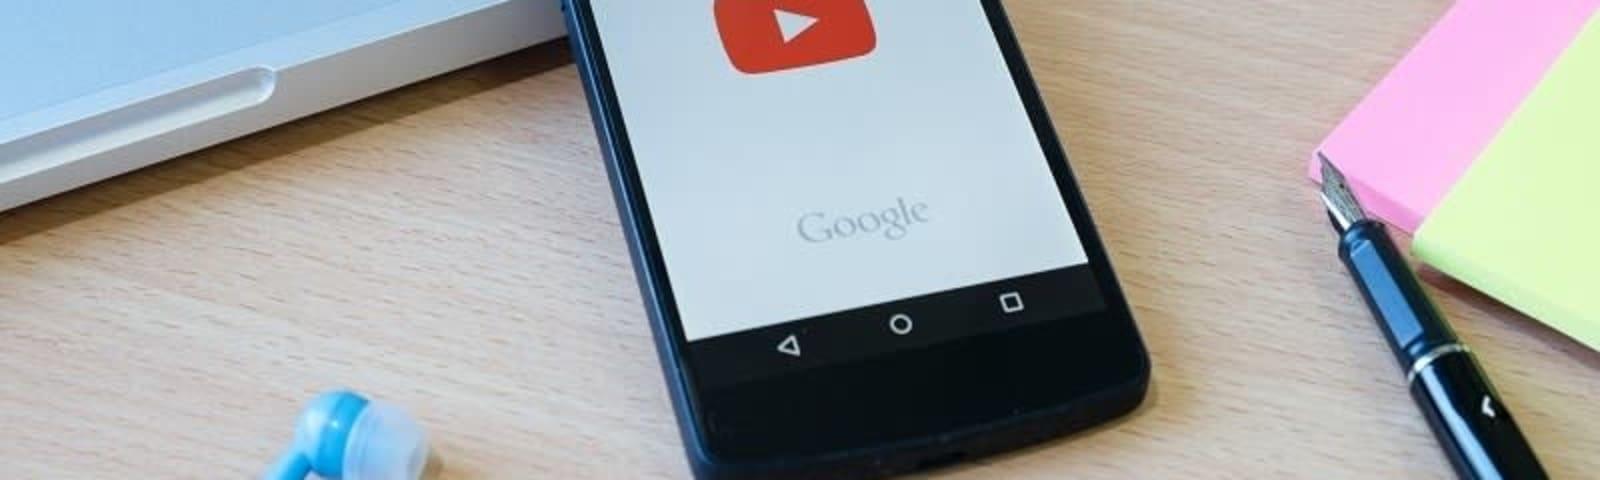 Imagem de destaque do post Bumper Ads: como anunciar no Youtube com vídeos de 5 segundos